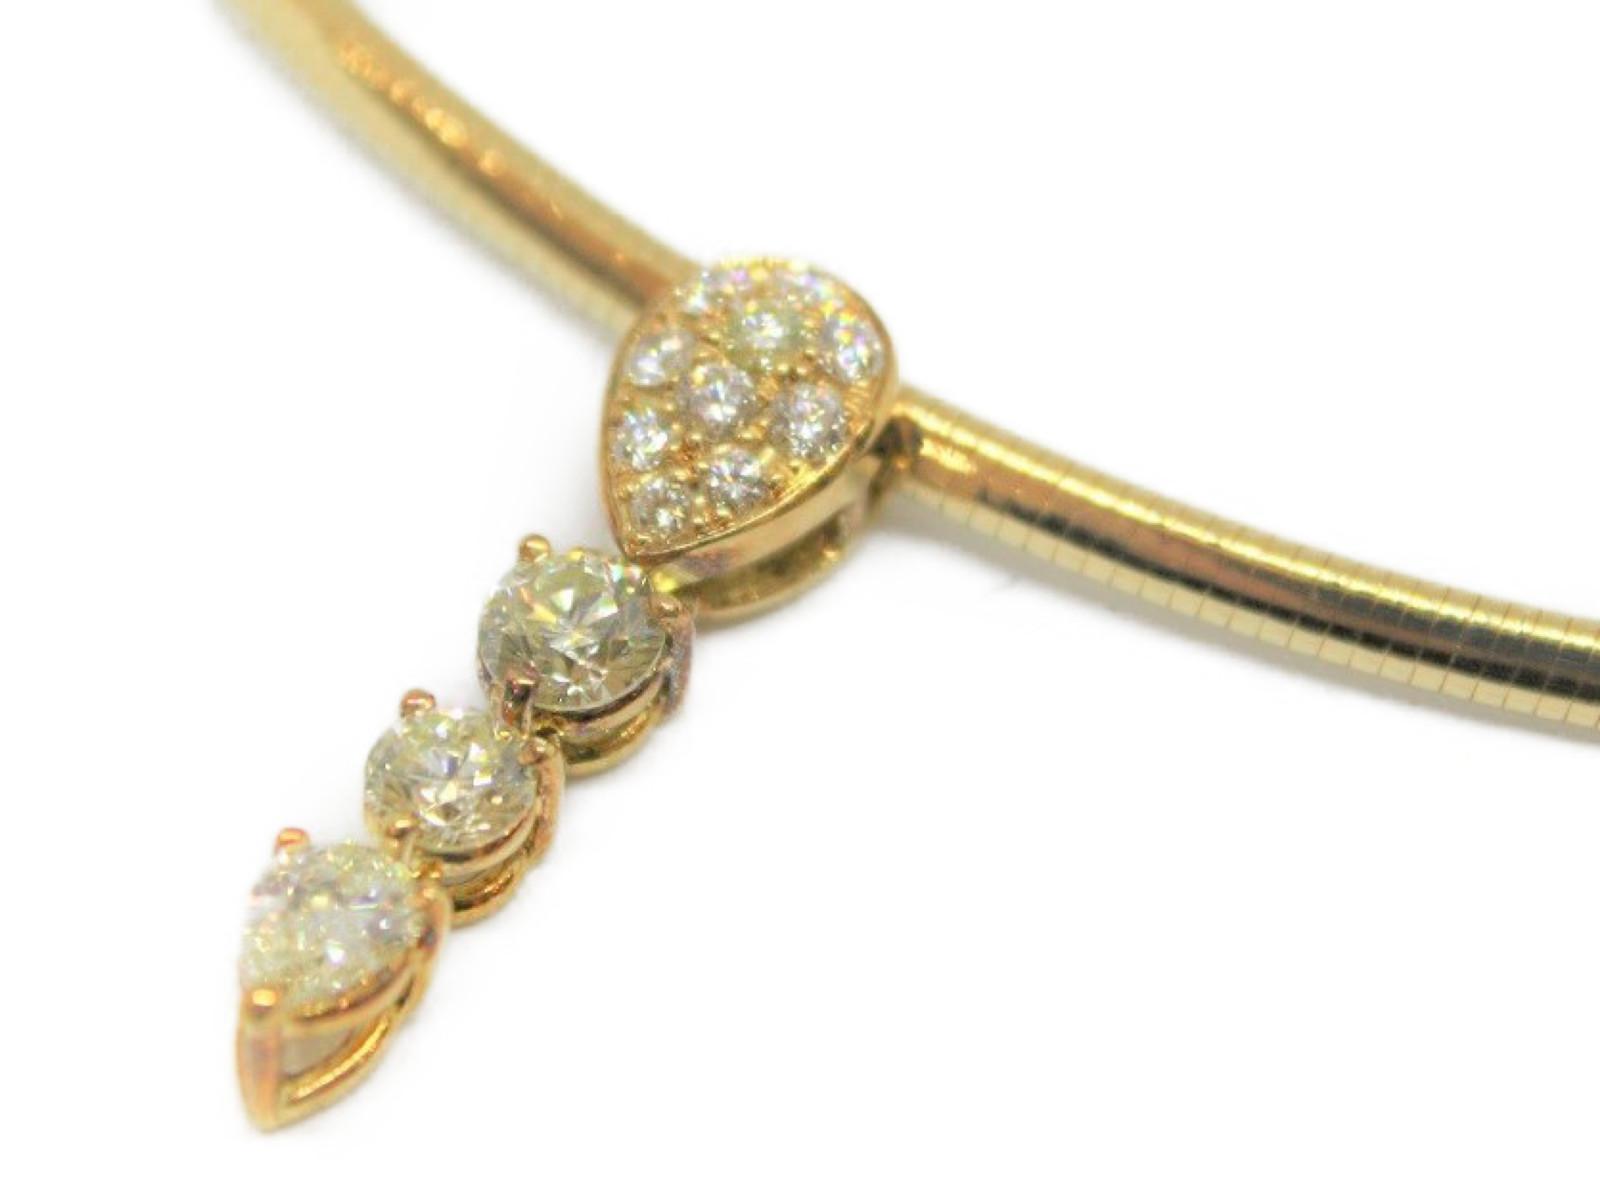 K18 ダイヤモンド デザイン ネックレス 750 4P ダイヤ ペンダントオメガネックレス涙型 しずく型 ゴールド 大人キレイ 宝石 ジュエリー オシャレプレゼントにいかがですか?ギフト包装可 【中古】